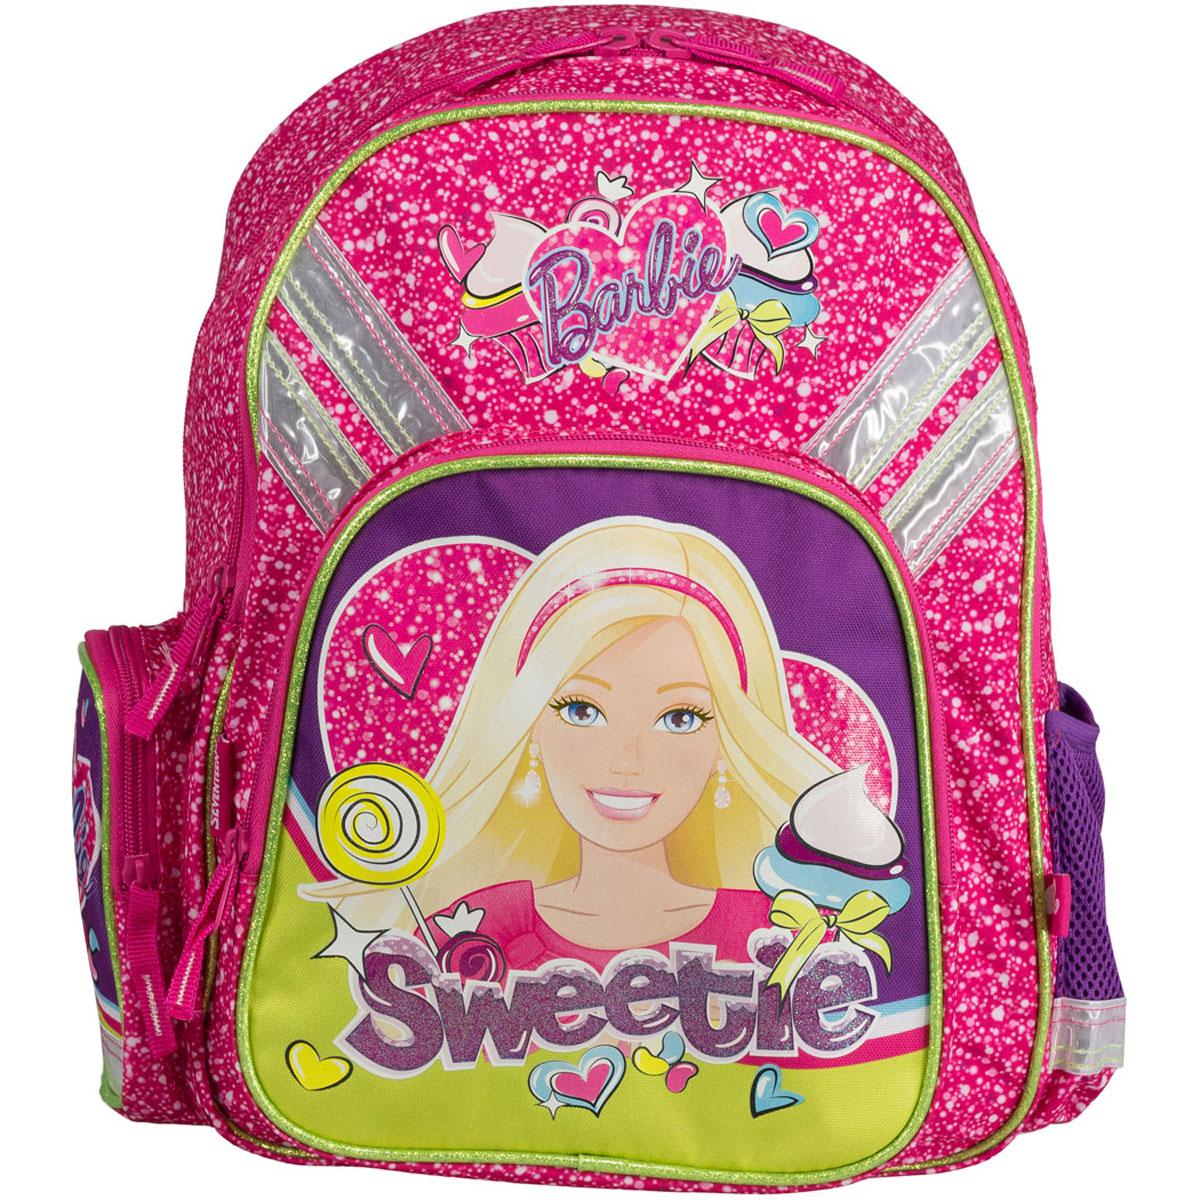 Набор школьницы Barbie. BRCS-UT1-51BOXSWCB-RT2-755Вашему вниманию предлагается все самое необходимое для школьника в одном наборе. В состав набора входит рюкзак, пенал, фартук, сумка-рюкзак для обуви и кошелек, выполненные в одном стиле.Школьный ранец выполнен из износоустойчивых материалов с водонепроницаемой основой, декорирован аппликацией и рисунками в тематике куклы Барби.Ранец имеет два основных отделения, закрывающиеся на молнию. Внутри главного отделения расположены два разделителя, для тетрадей и учебников. На лицевой стороне ранца расположен накладной карман на молнии. По бокам ранца размещены два дополнительных накладных кармана, один открытый на резинке и один на застежке-молнии. Ортопедическая спинка, созданная по специальной технологии из дышащего материала, равномерно распределяет нагрузку на плечевые суставы и спину. Удлиненные держатели облегчают фиксацию длины ремней с мягкими подкладками. Ранец оснащен удобной ручкой для переноски и двумя широкими лямками, регулируемой длины.Пенал мягкий с одним отделением на молнии. Размер пенала: 21 х 10 х 6. Сумка-рюкзак для обуви с одним отделением. Сумка выполнена из прочного водонепроницаемого полиэстера и содержит одно вместительное отделение, затягивающееся с помощью текстильных шнурков. Шнурки фиксируются в нижней части сумки, благодаря чему ее можно носить за спиной как рюкзак. Размер сумки: 41 х 34. Кошелек-портмоне на липучке с одним отделением для купюр и кармашком на молнии. Кошелек дополнен текстильным шнурком. Размеры кошелька в сложенном виде: 10 х 10 х 1,5. Фартук для уроков рисования выполнен из водонепроницаемого материала и имеет удобные текстильные завязки. Размер фартука: 50 х 44.